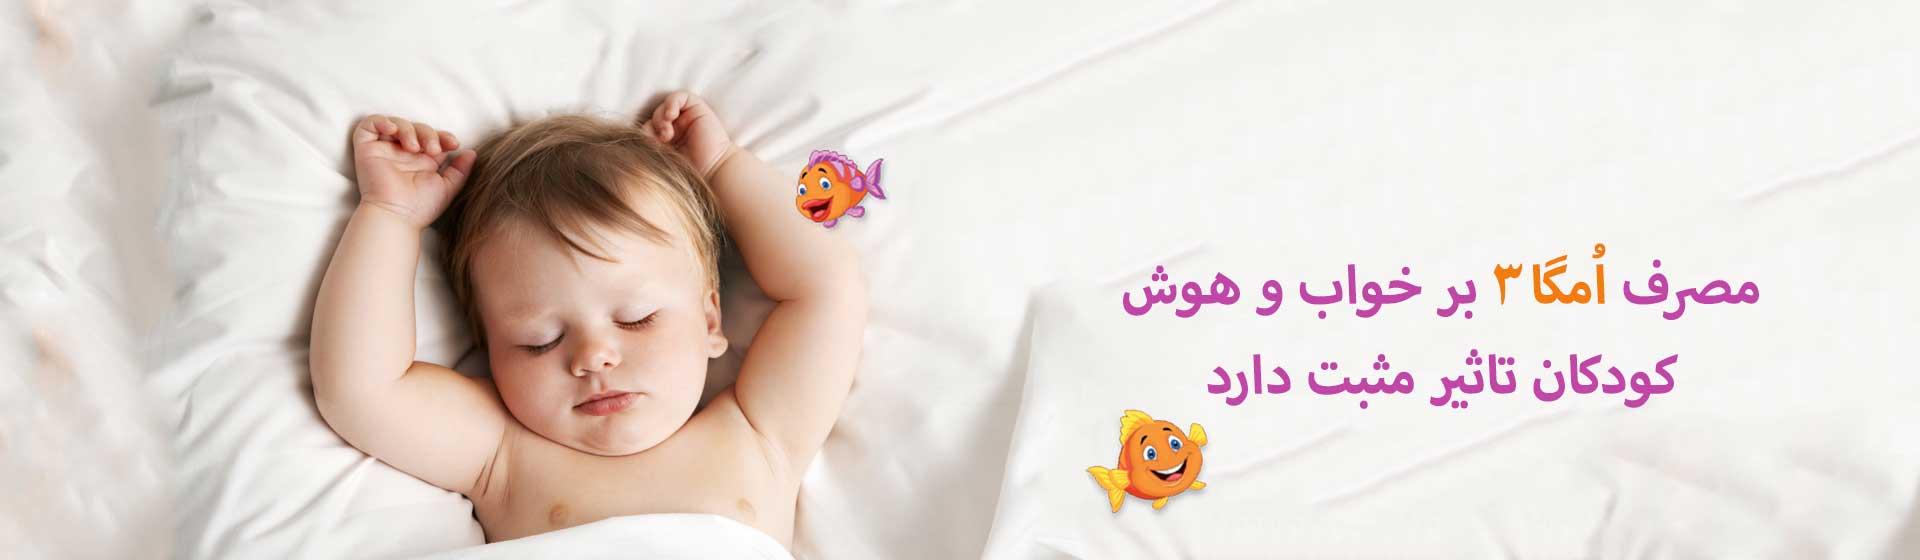 مصرف امگا3 بر خواب و هوش کودکان تاثیر مثبت دارد